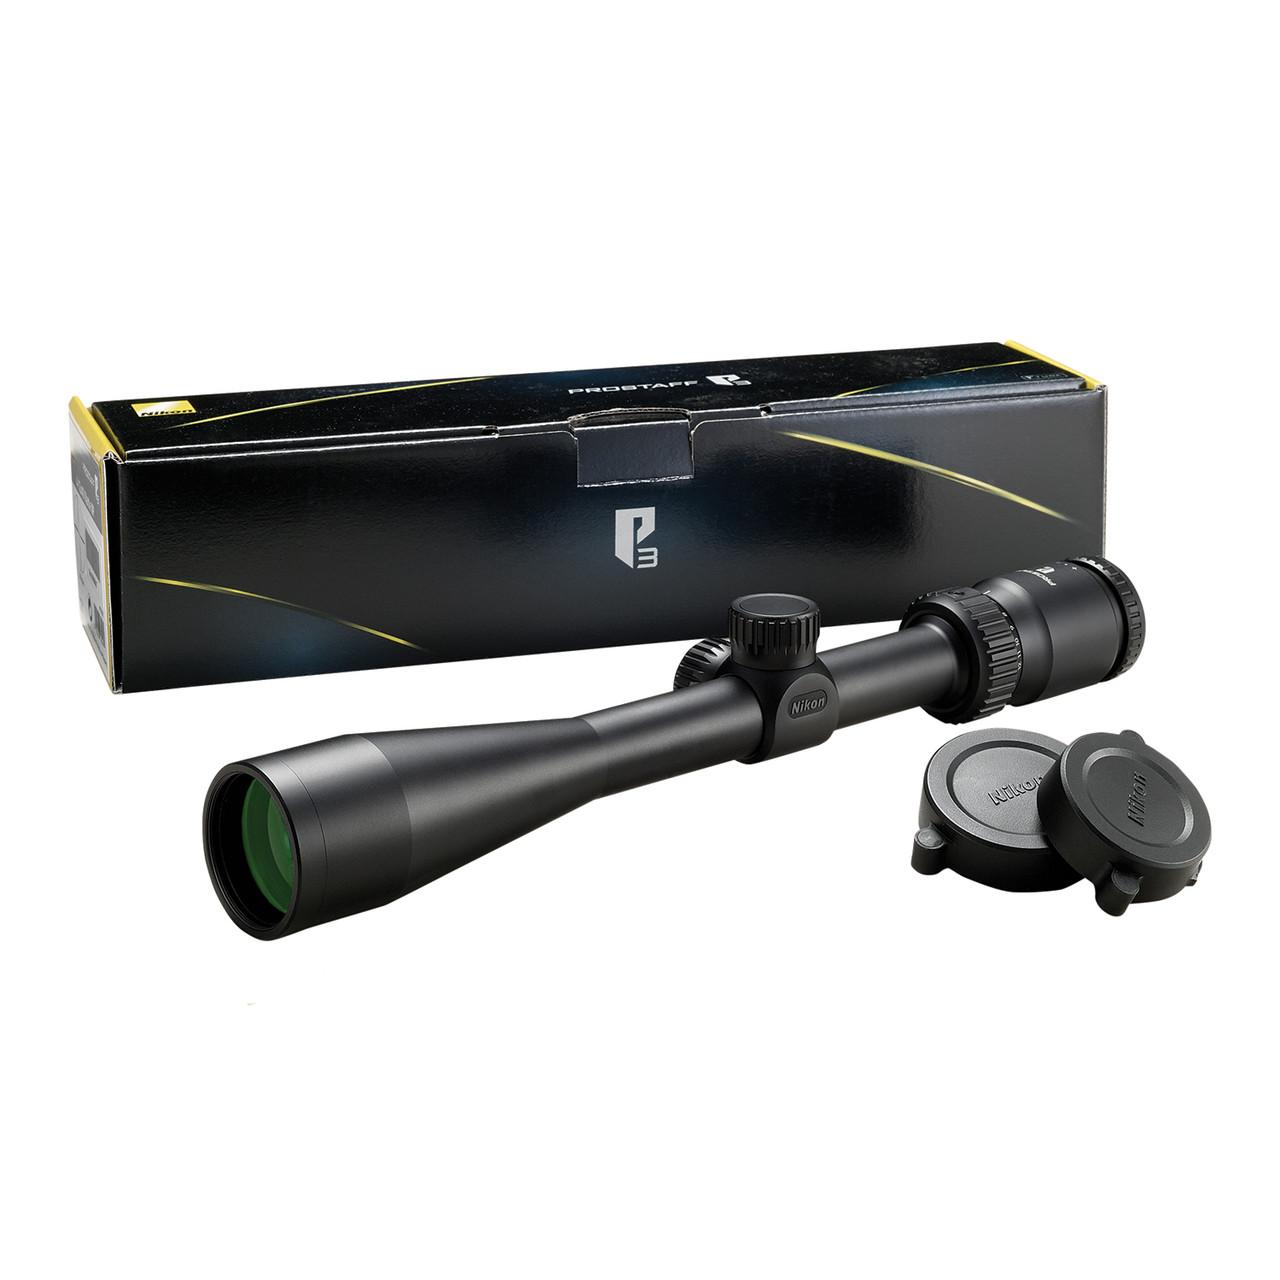 Nikon PROSTAFF P3 4-12x40 Matte BDC  16598